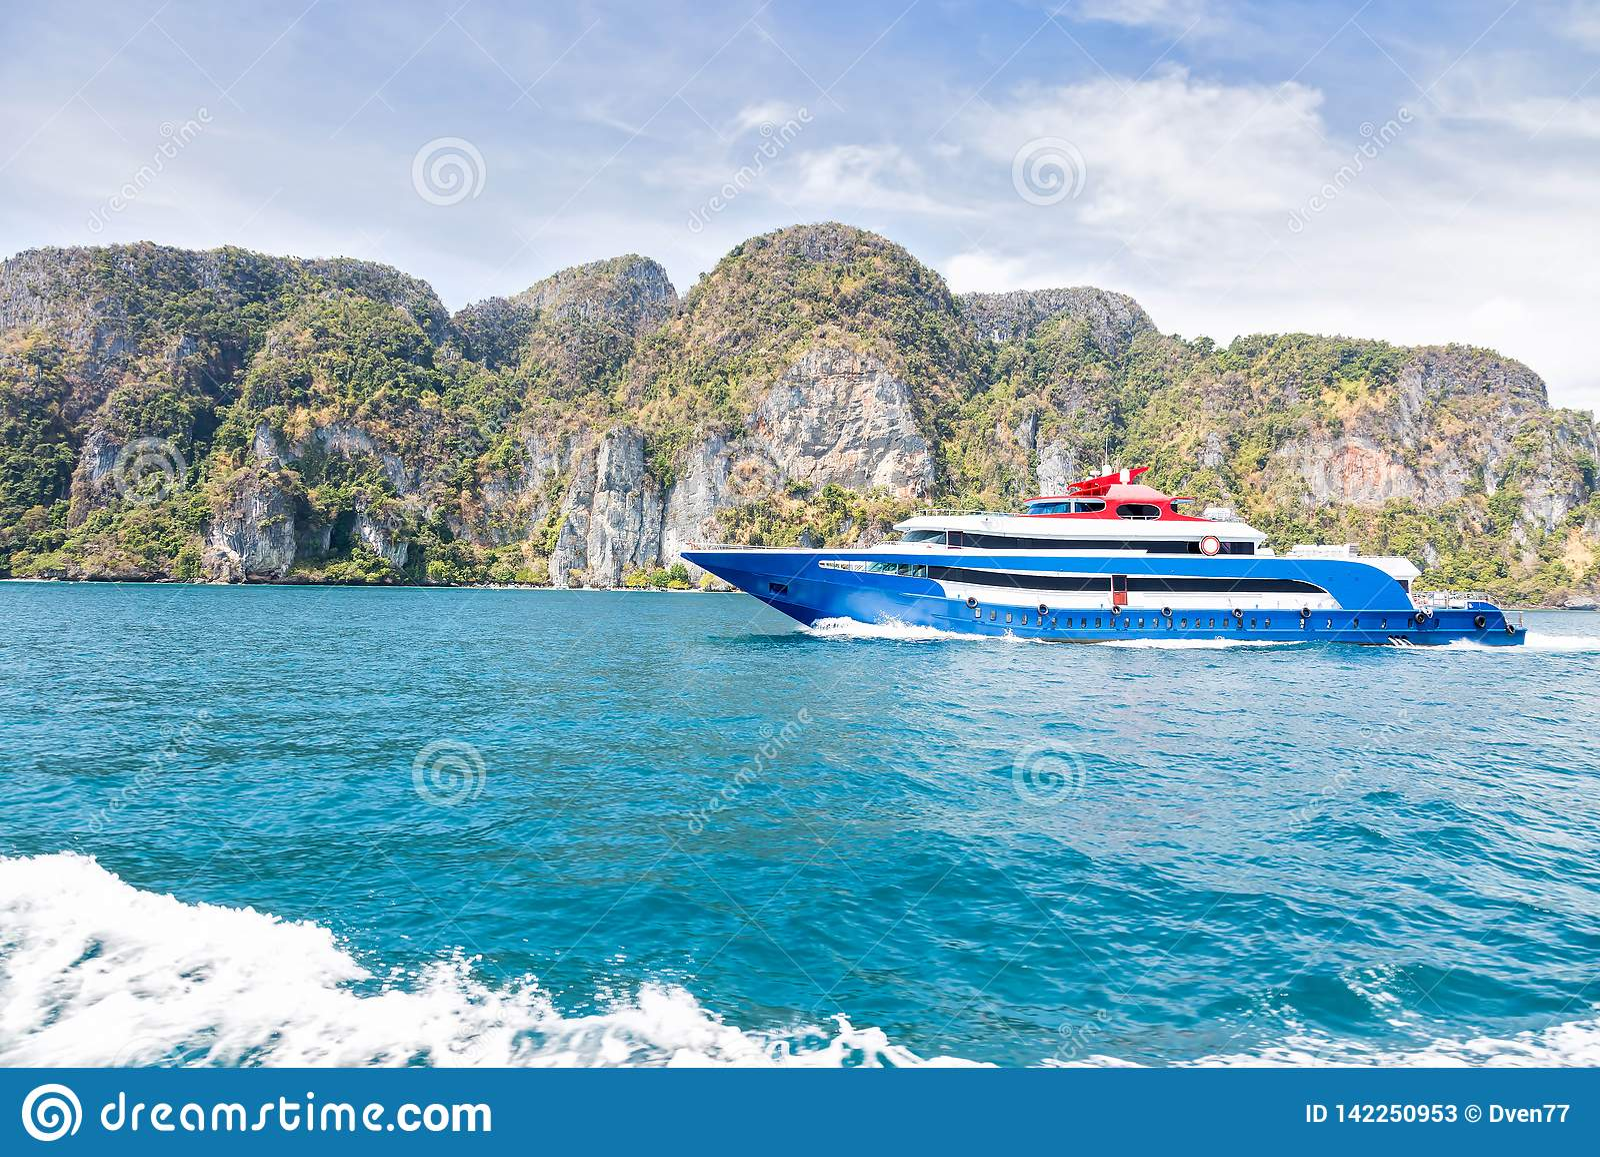 Bleu avec le bateau blanc et rouge de vitesse de plaisir d accents Navigation sur la mer contre une île tropicale de montagne Vue